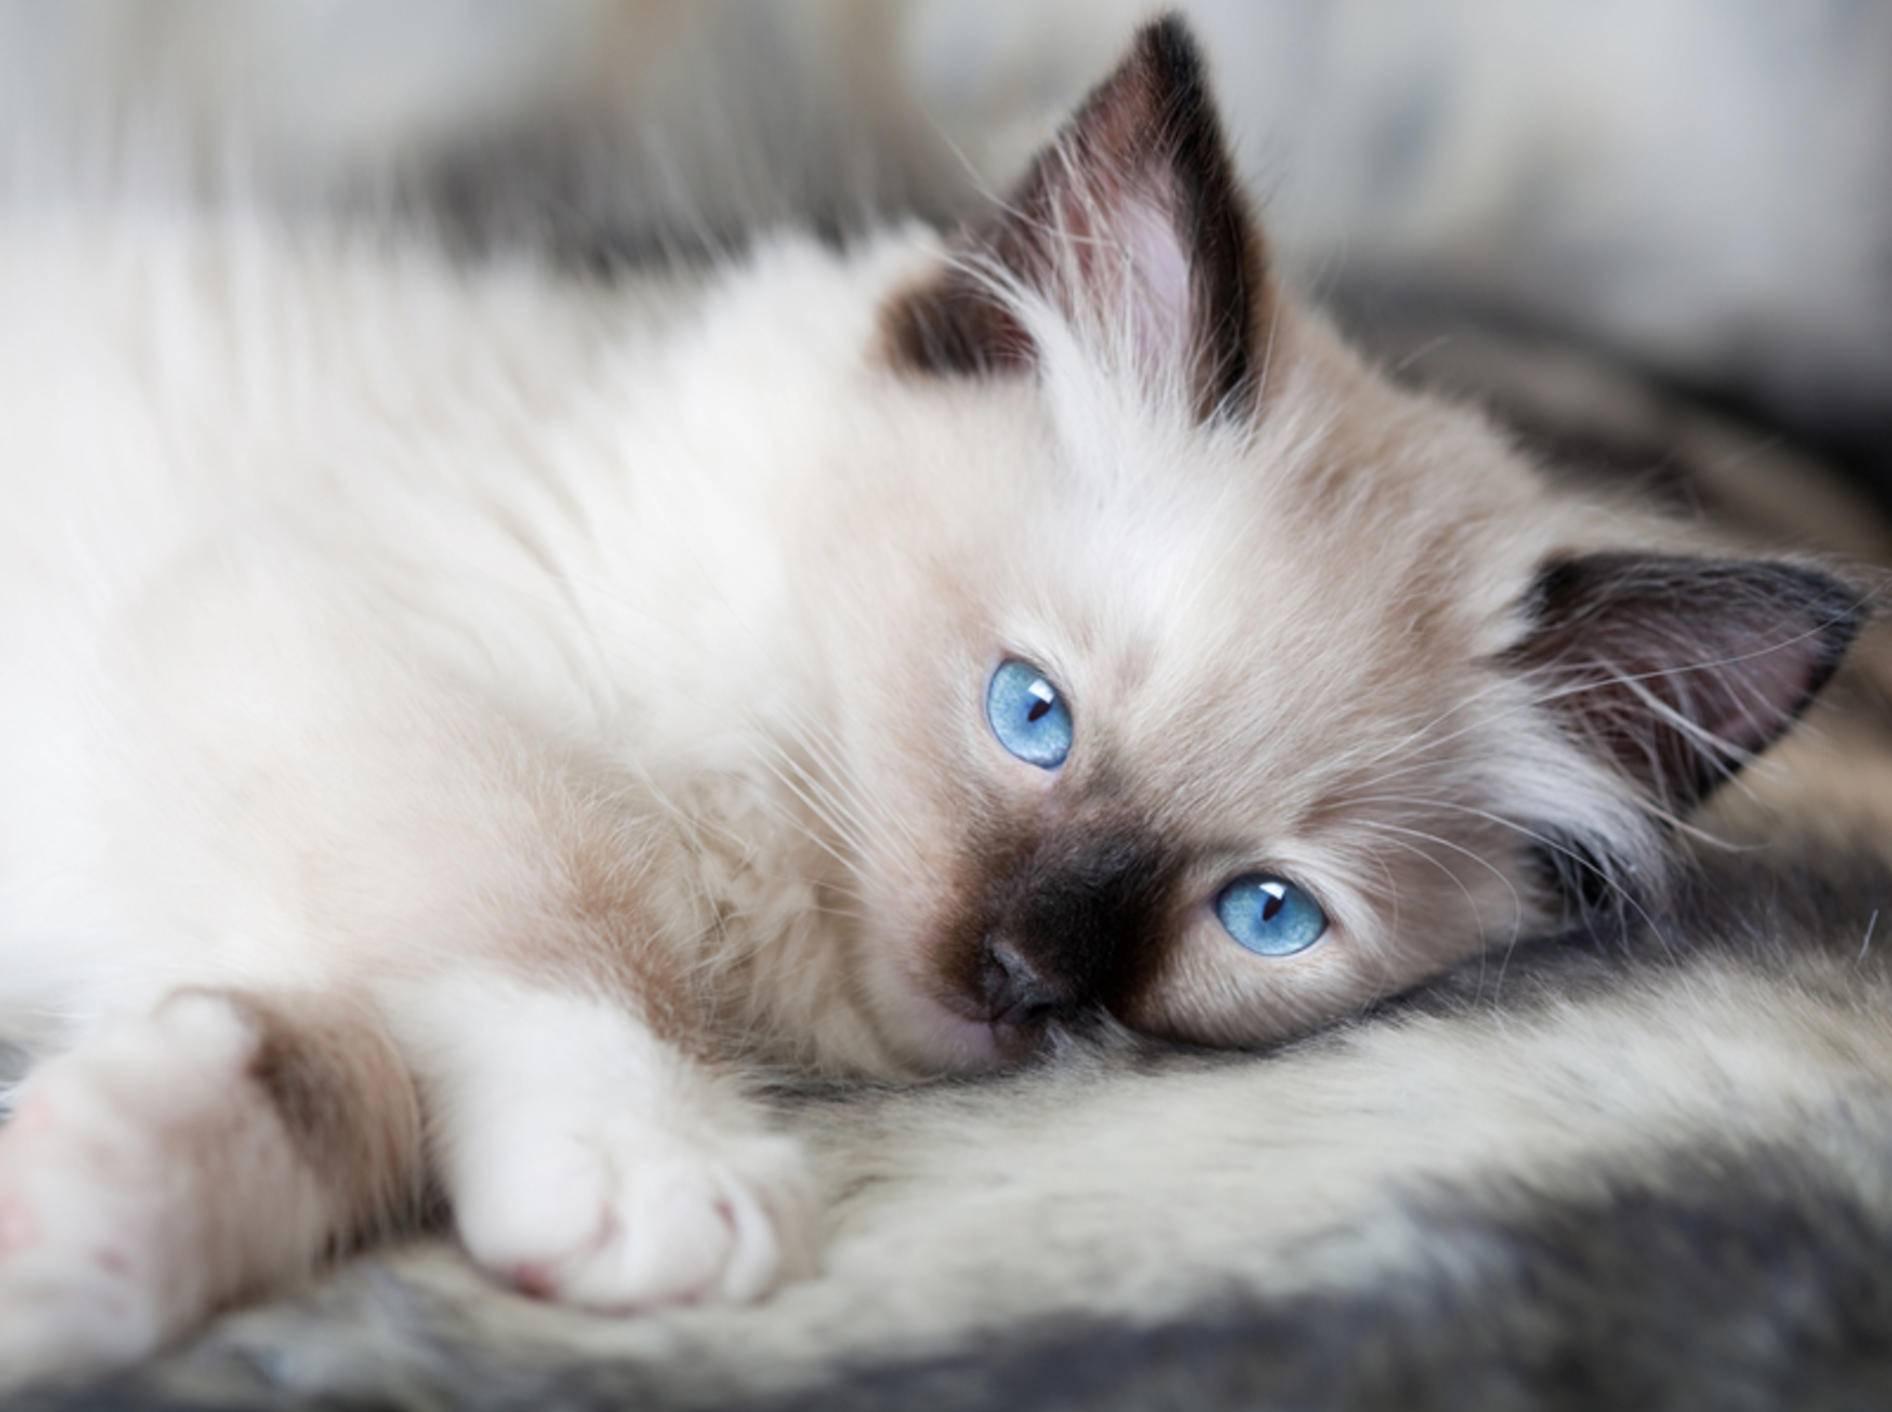 Ragdoll-Katzenbabys fallen besonders durch ihre strahlend blauen Augen auf – Bild: Shutterstock / Anneka